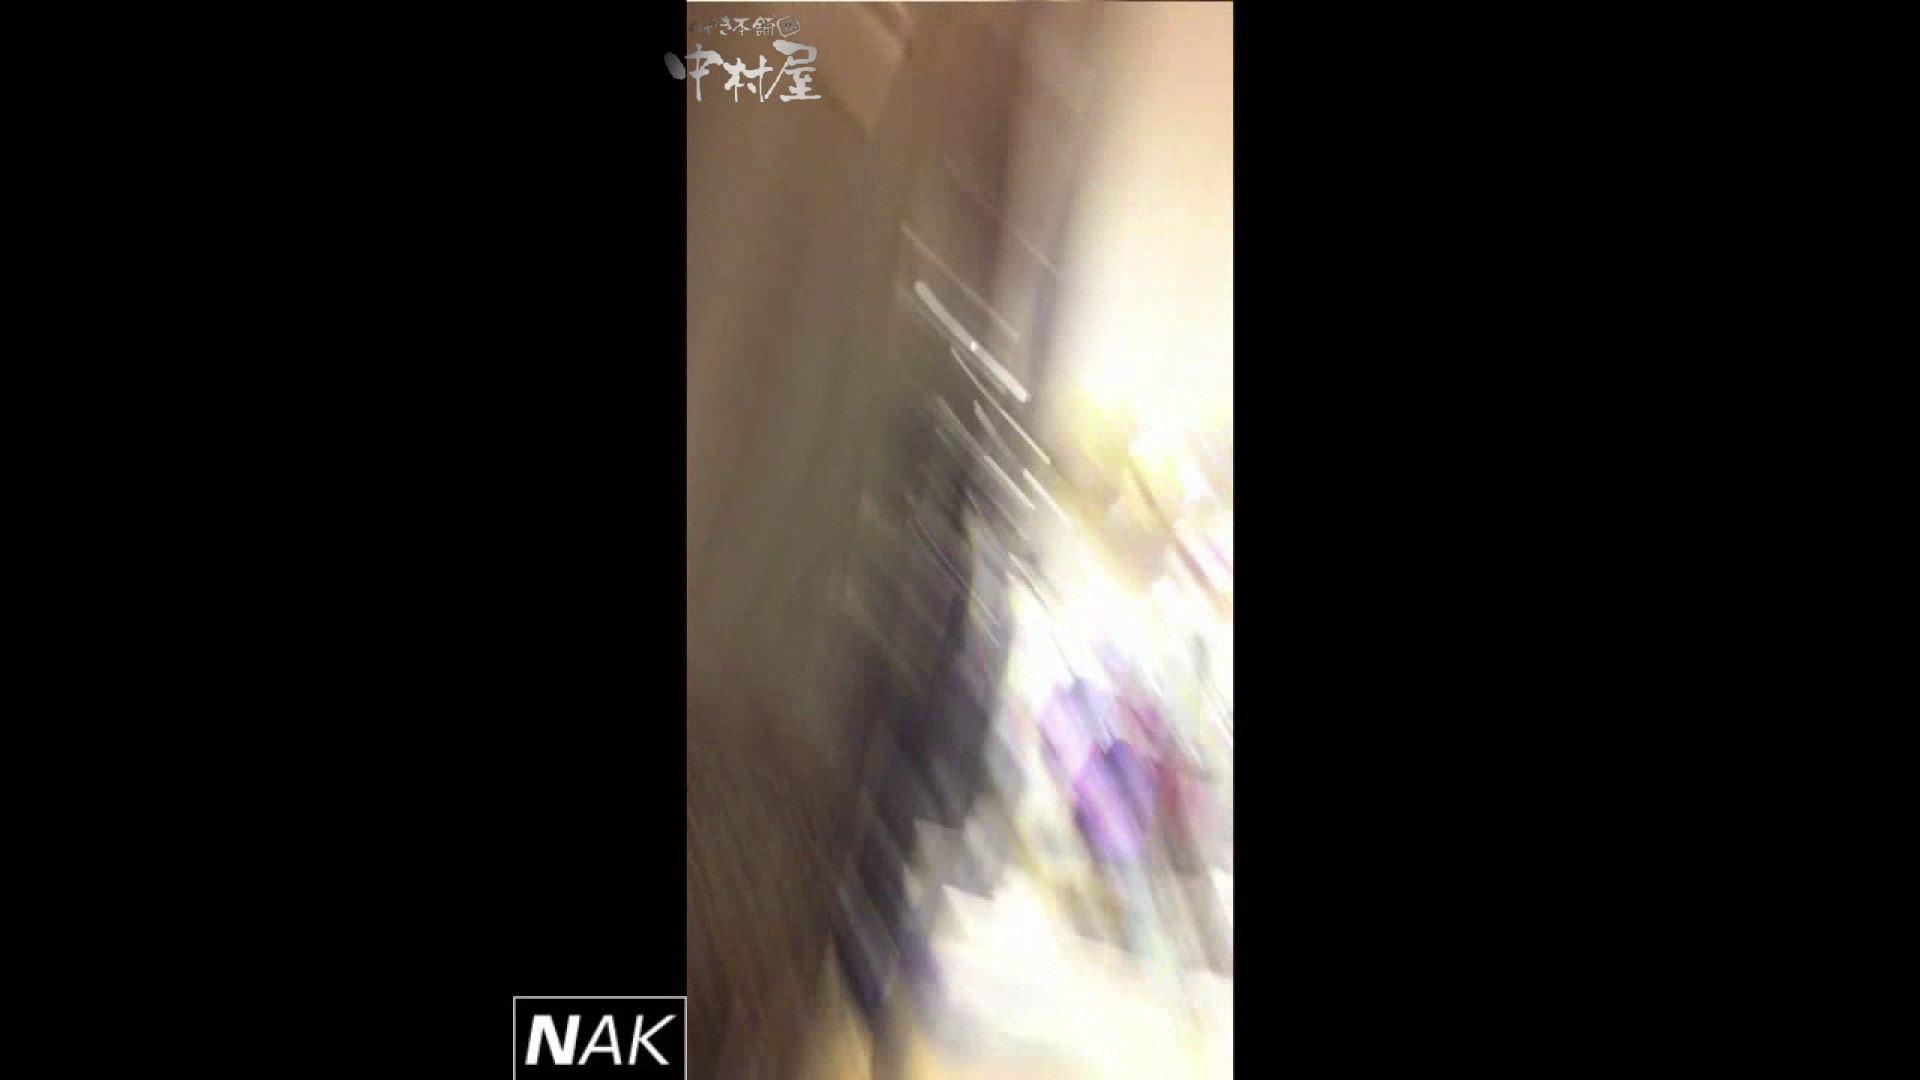 ハイビジョン盗撮!ショップ店員千人斬り!パンチラ編 vol.02 胸チラ すけべAV動画紹介 96PIX 26